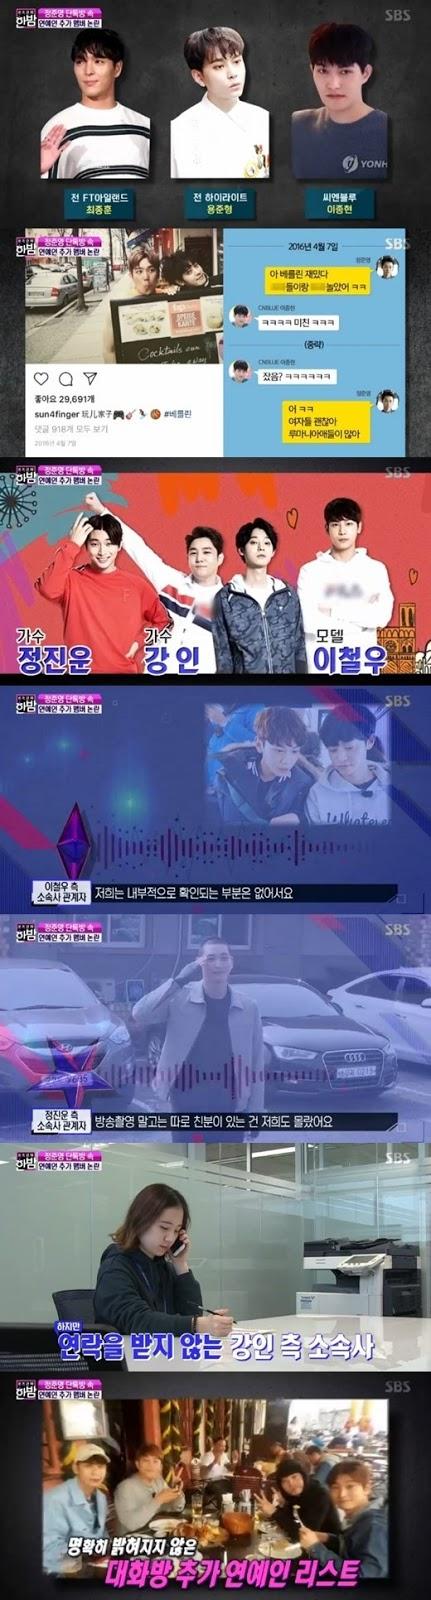 Jung Jinwoon, Jung Jun Young'ın Katalk odasında olduğunu yalanladı, Kangin sessiz kaldı